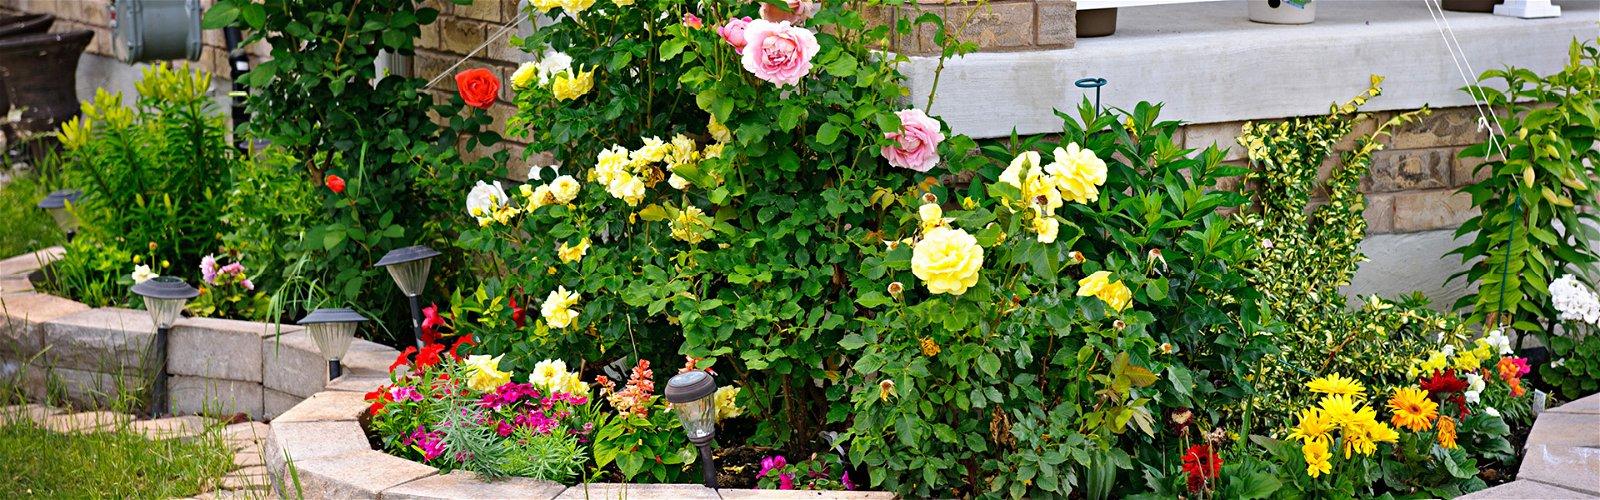 Havebed med roser